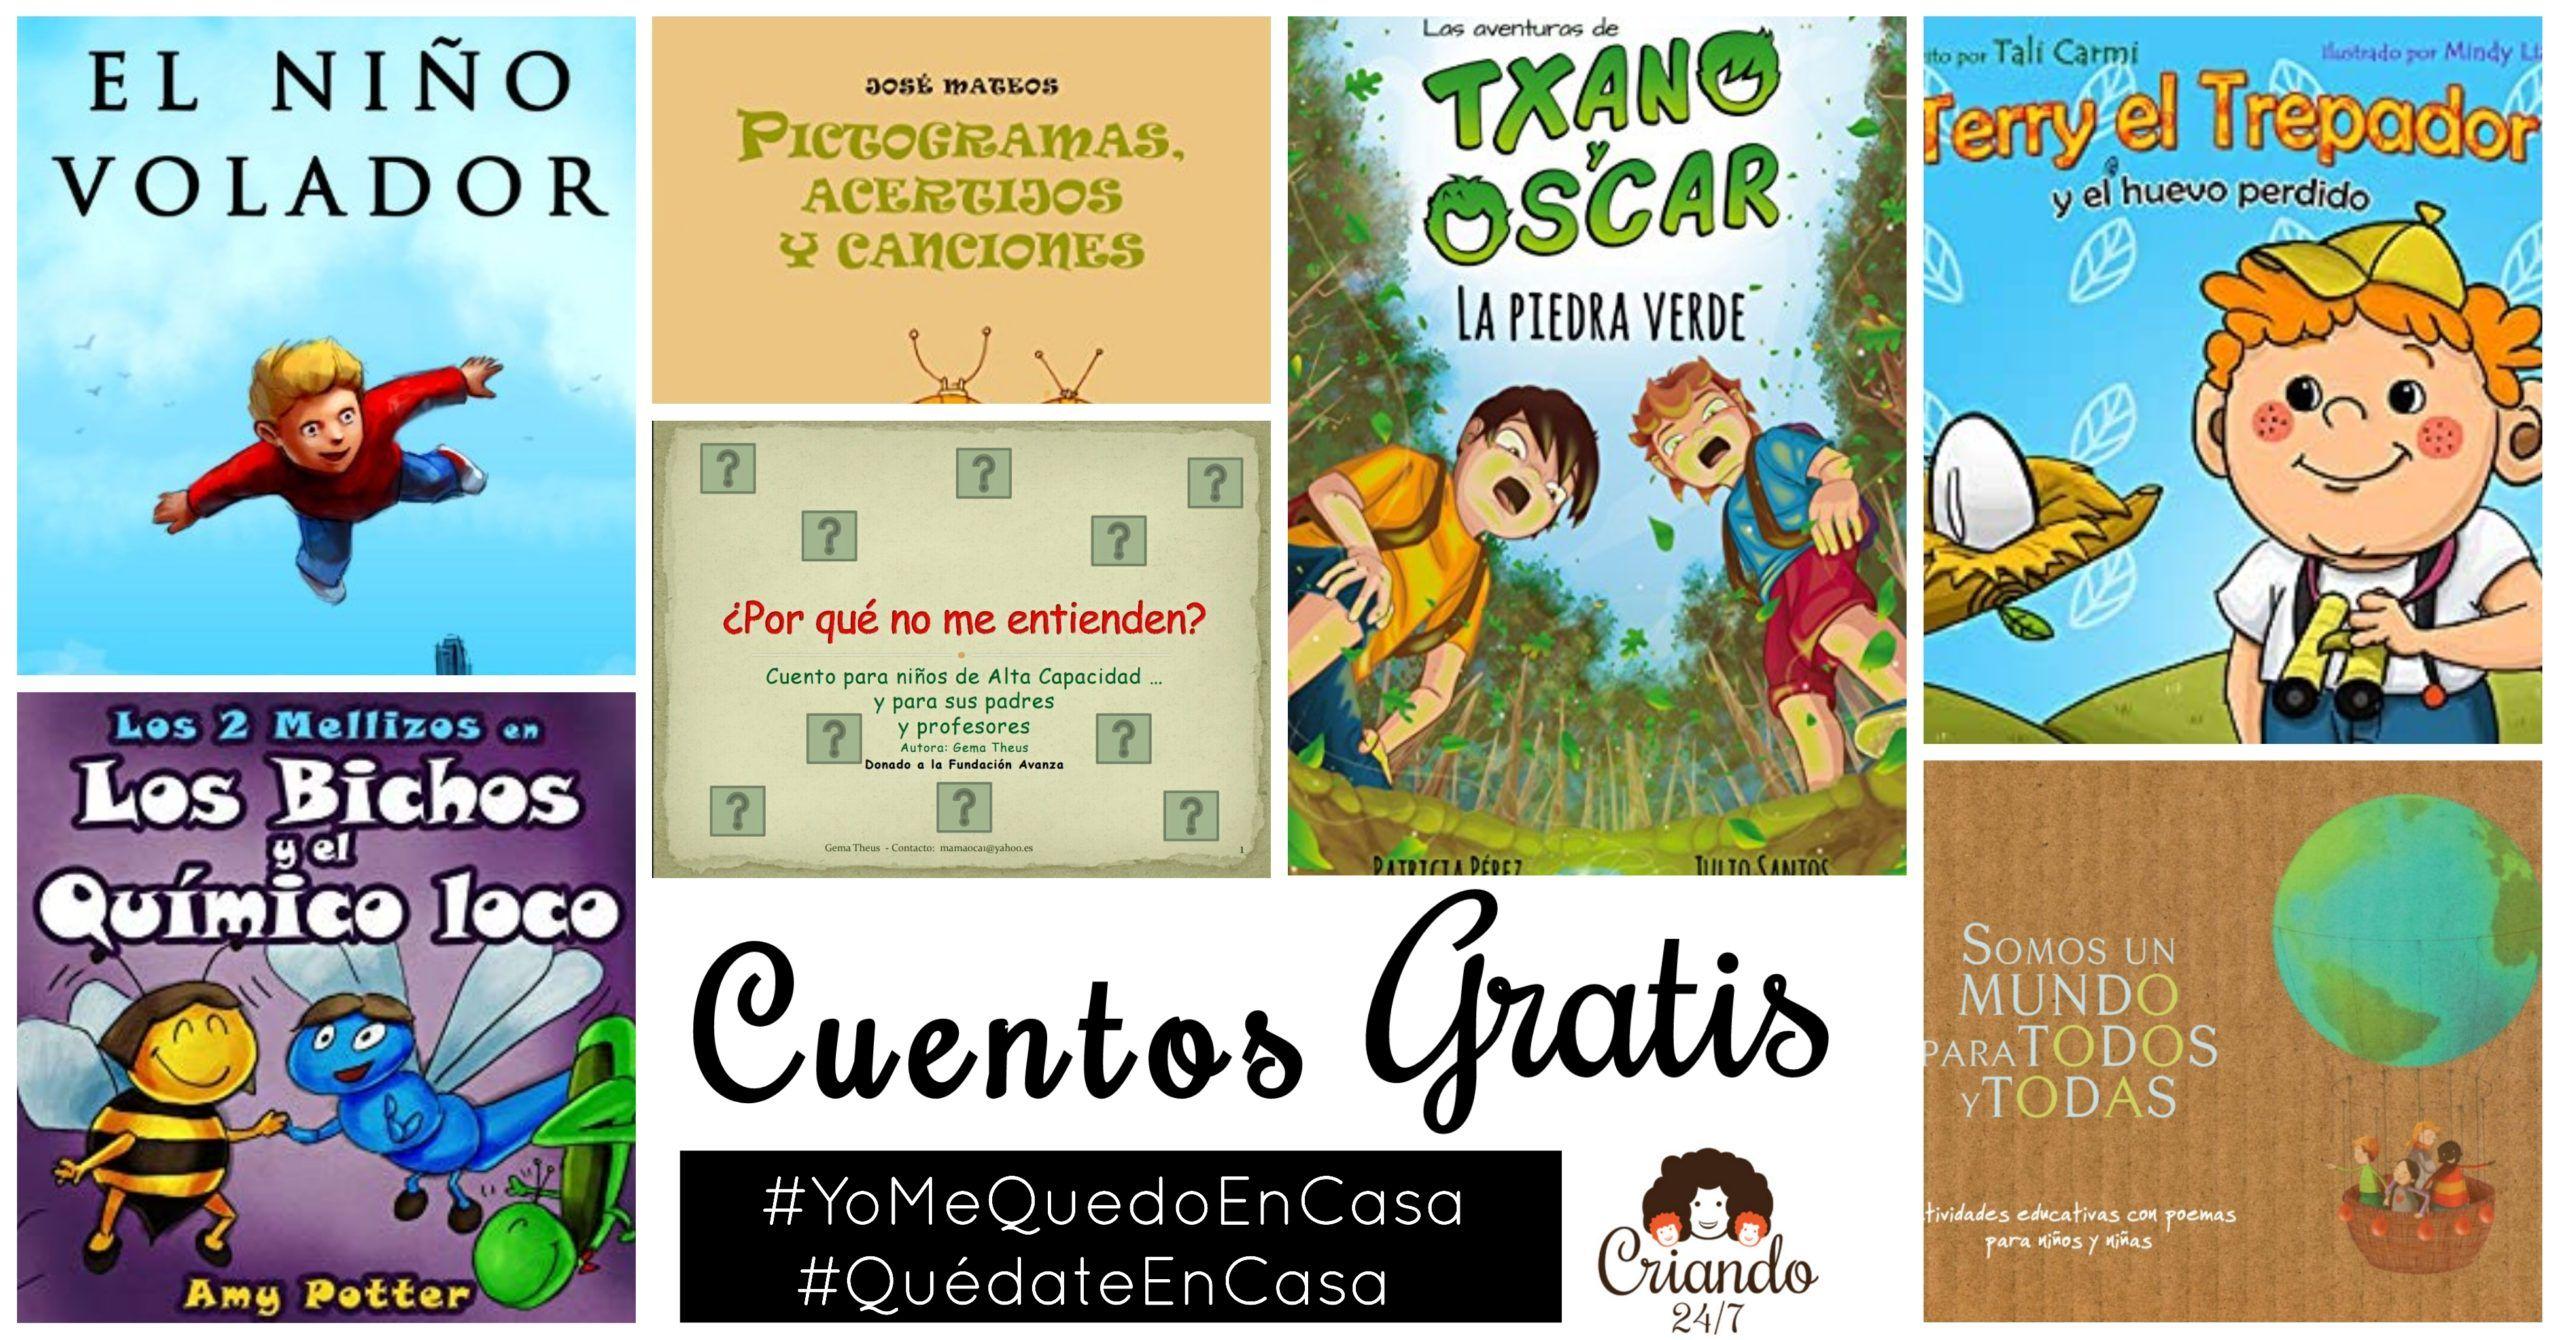 Selección de Cuentos GRATIS #YoMeQuedoEnCasa | CRIANDO 24/7